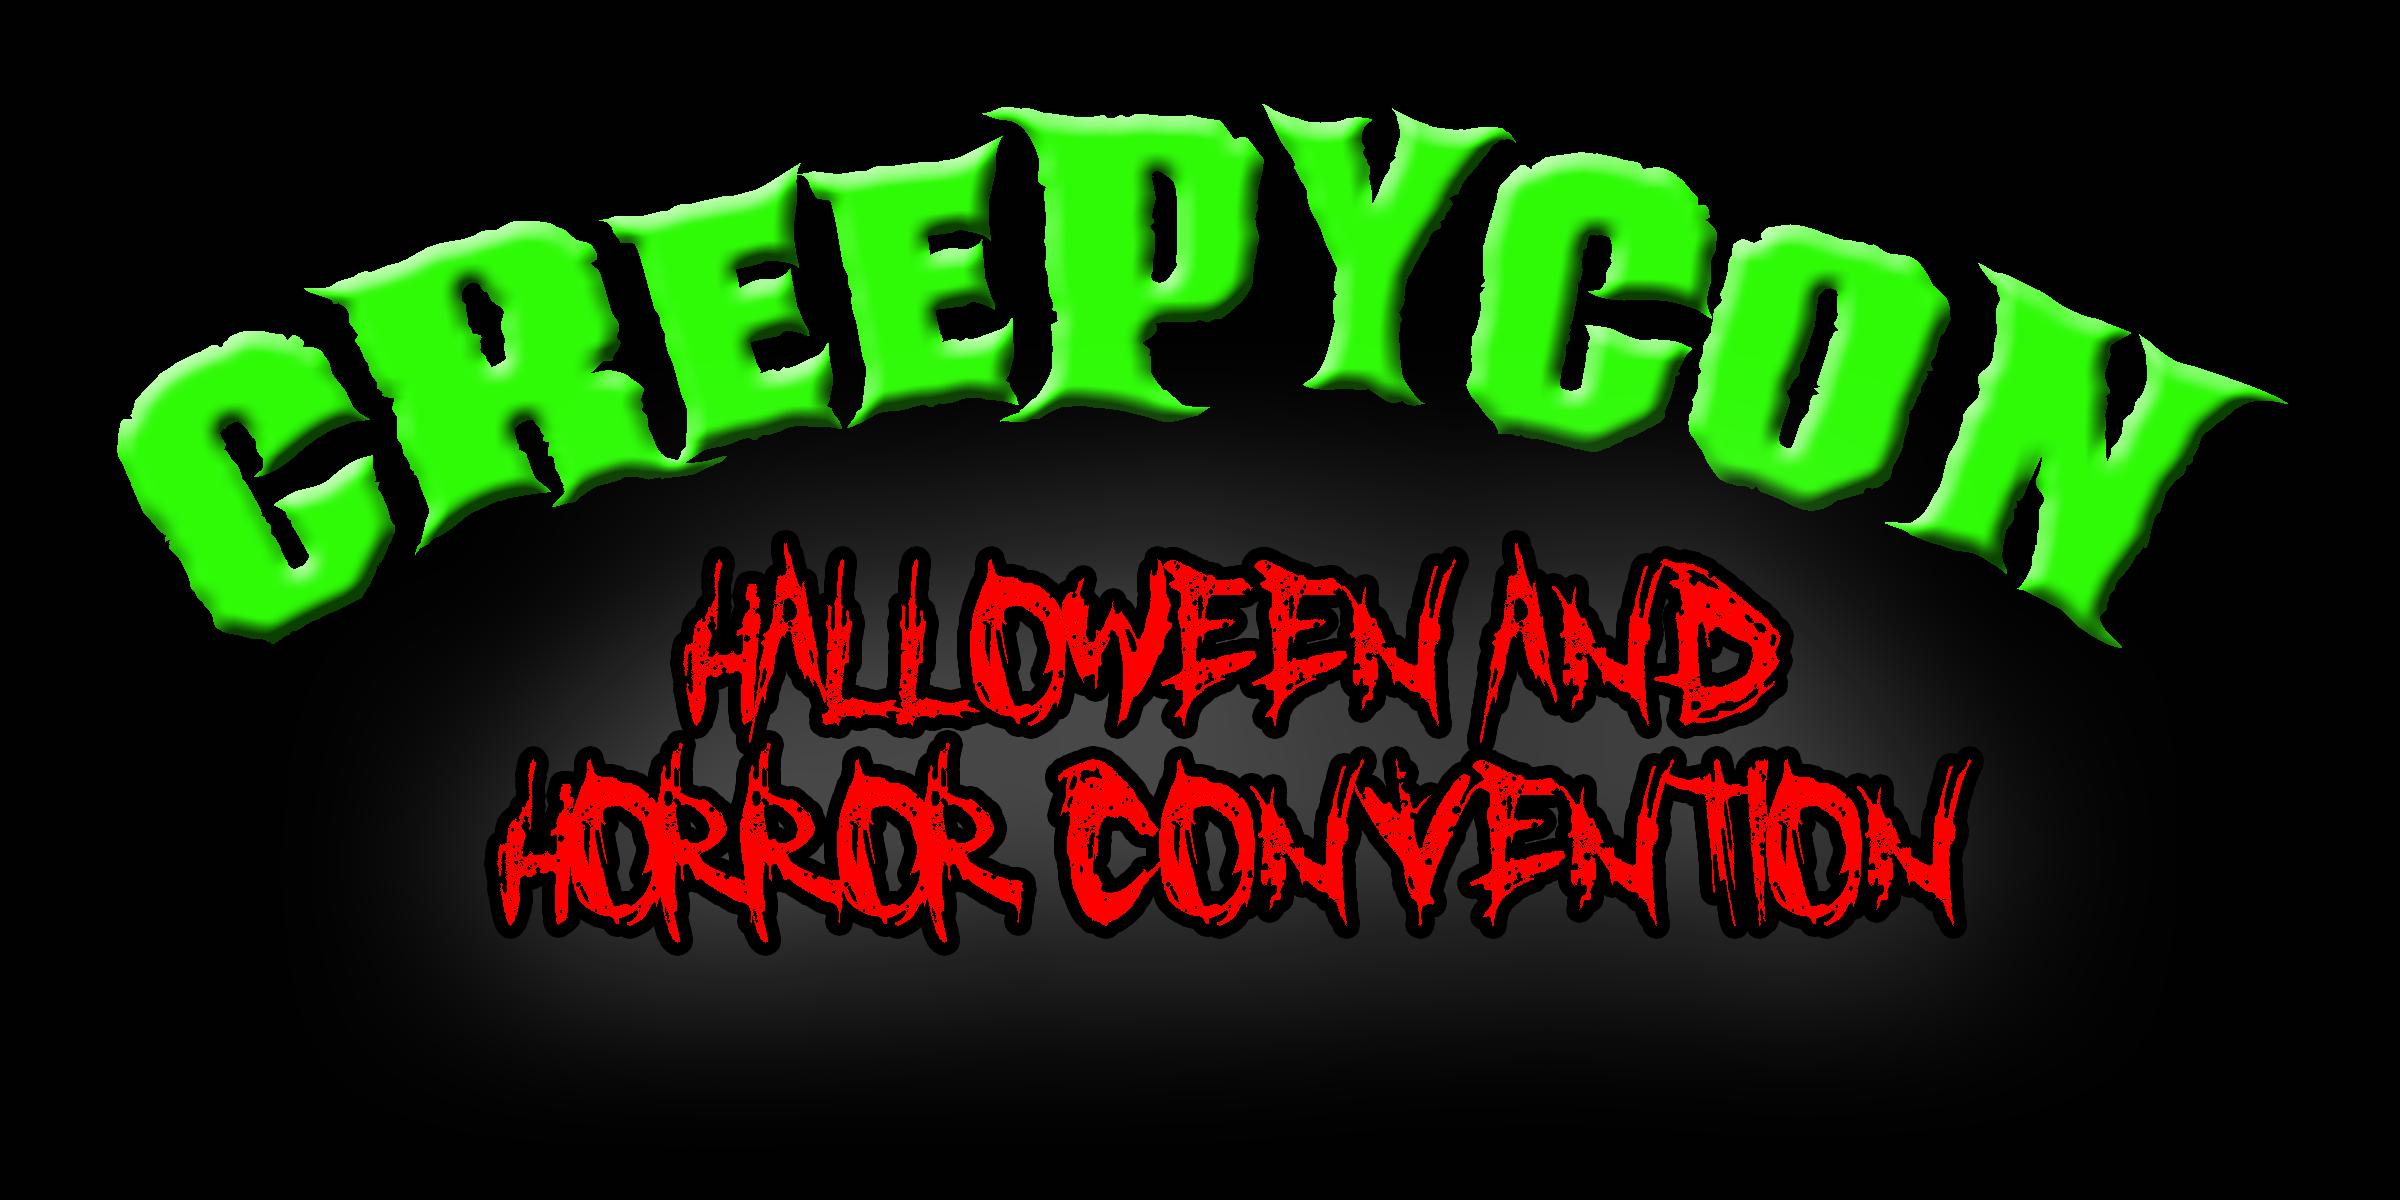 creepycon